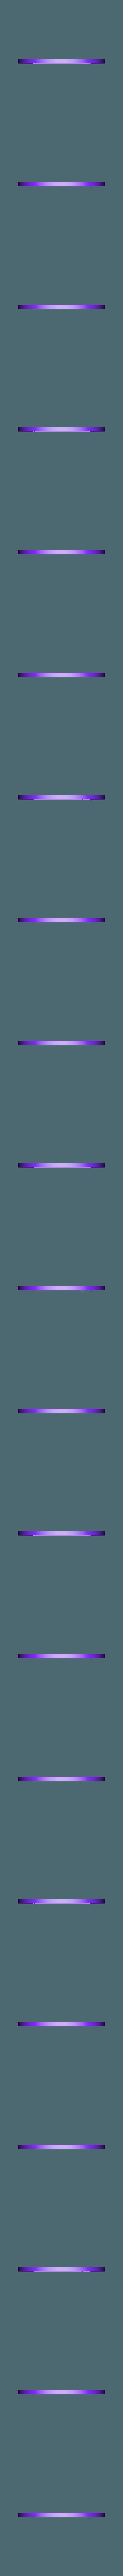 snitch_body.STL Télécharger fichier STL gratuit Sous-verres multicolores Harry Potter • Design pour impression 3D, MosaicManufacturing